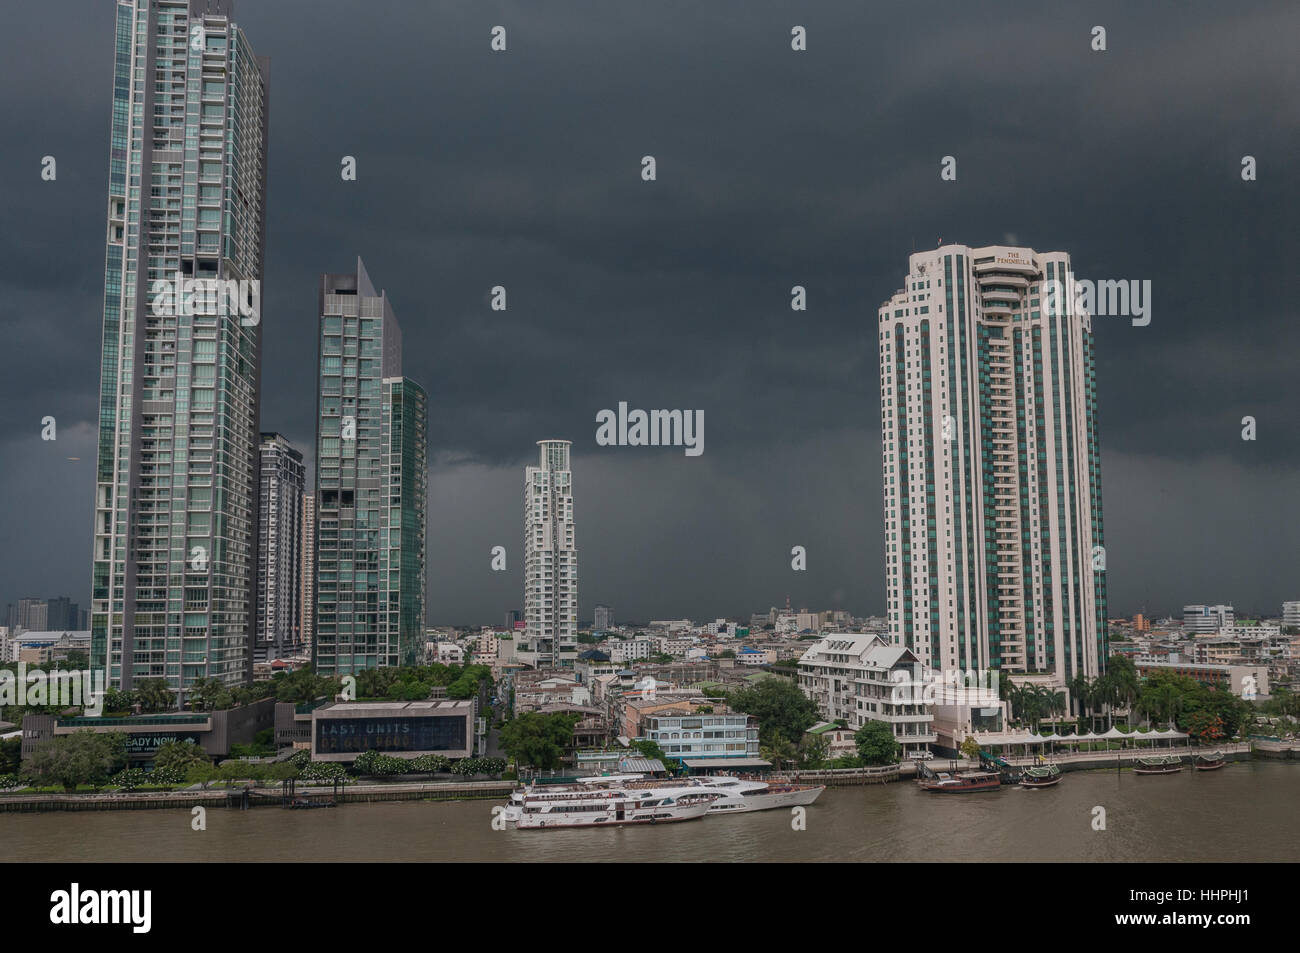 Una foto del centro cittadino di Bangkok, Tailandia appena prima di una tempesta, preso dal Shangri-La Hotel attraverso Immagini Stock